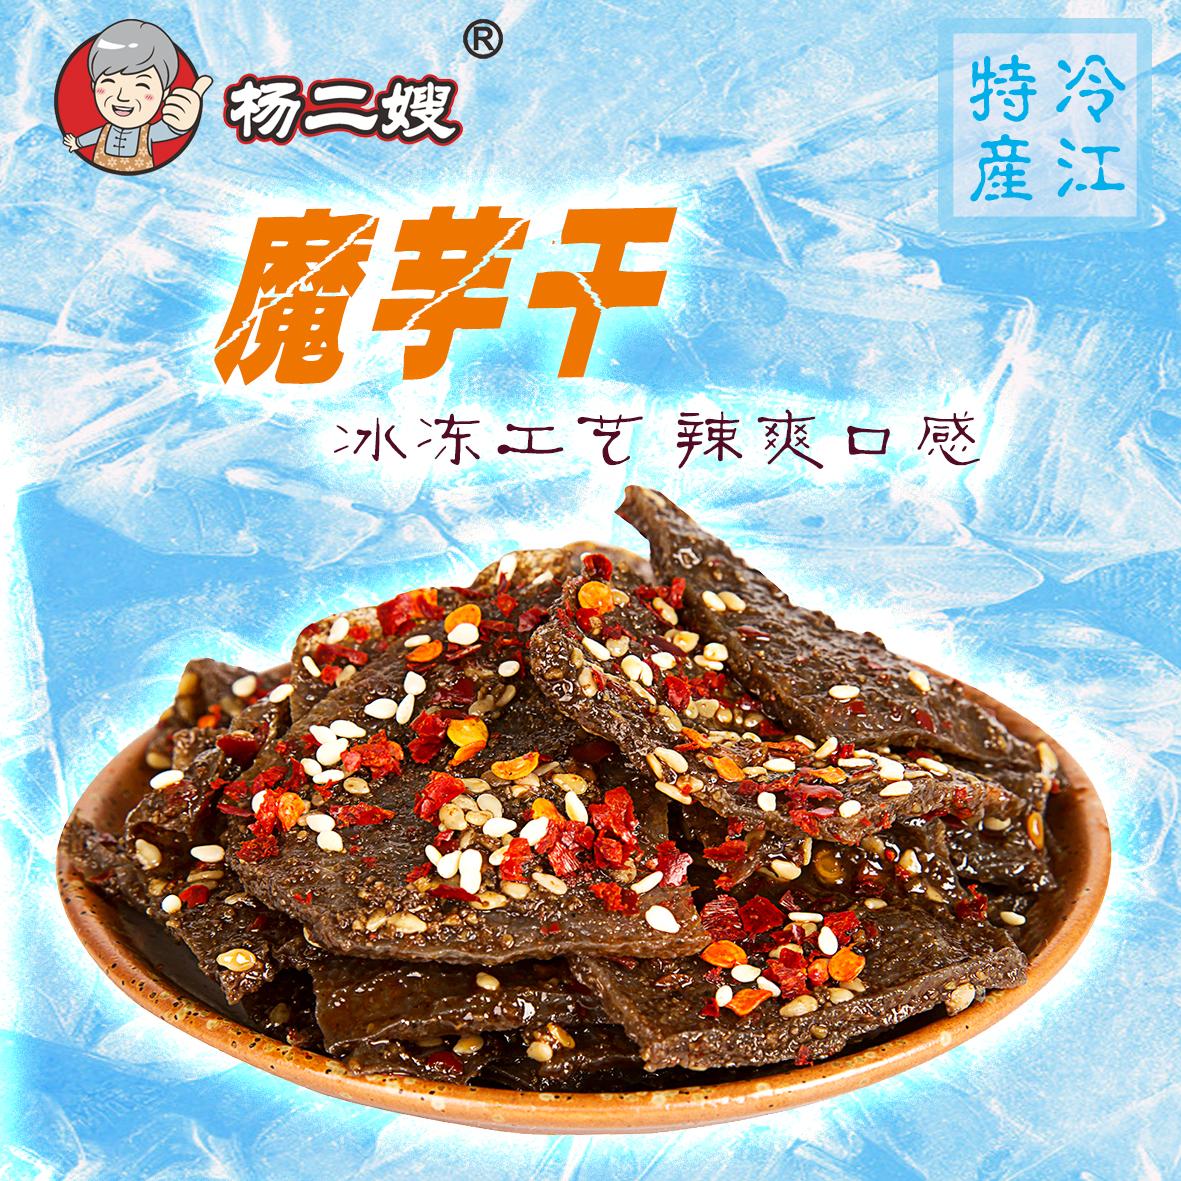 【杨二嫂】冰冻魔芋干丝麻辣爽豆腐片零食小吃湖南冷水江新化特产